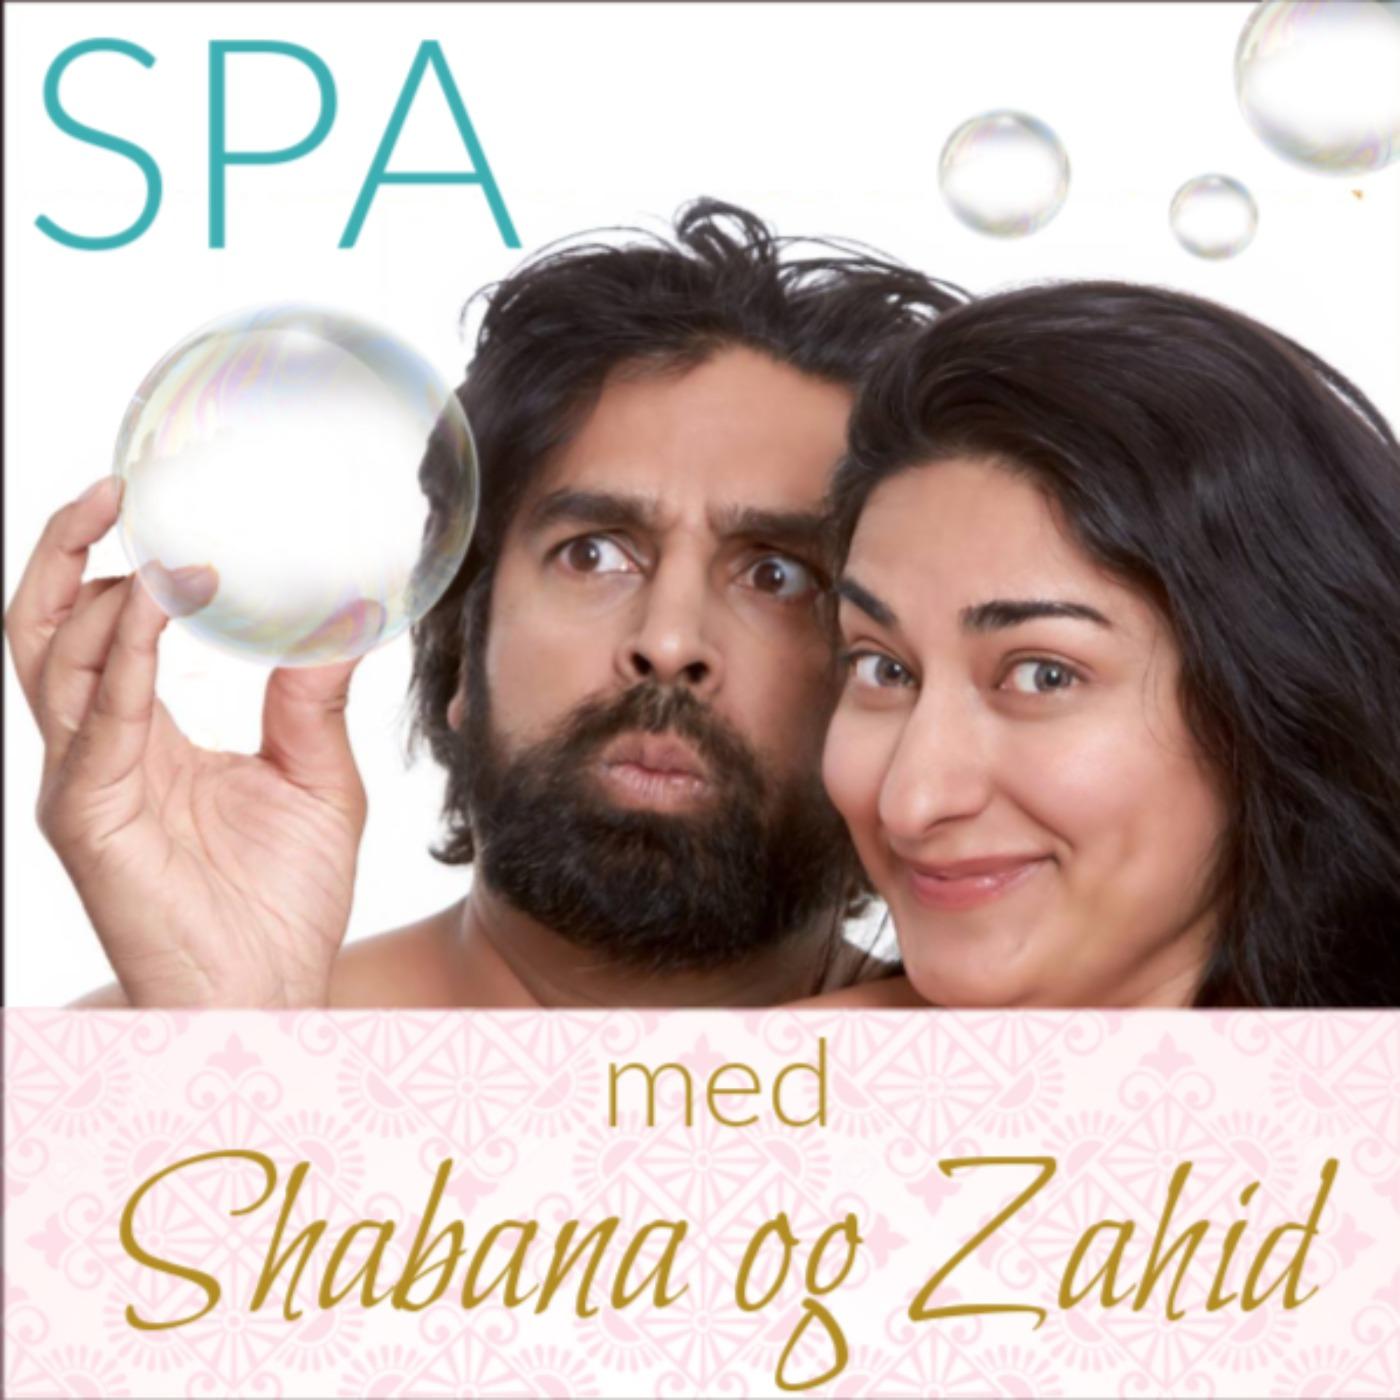 Hva gjør Shabana og Zahid i Norge?